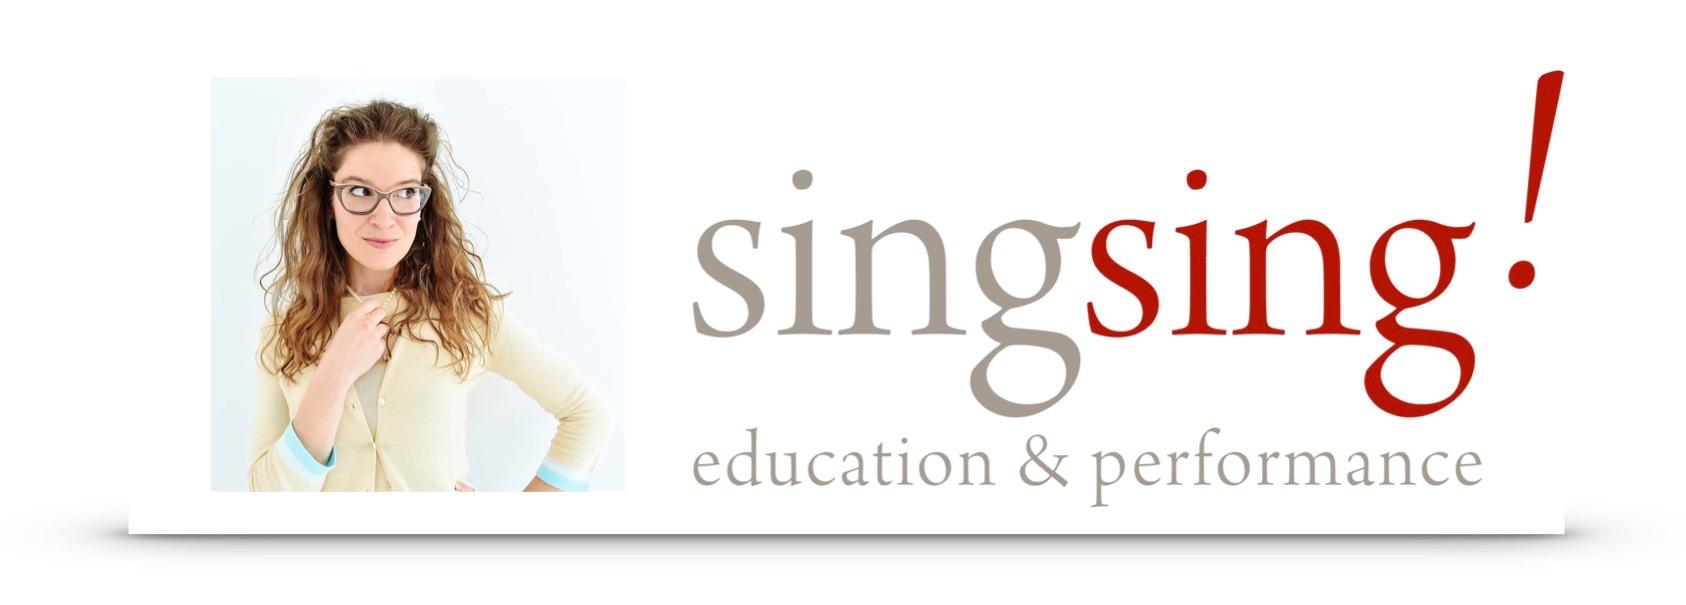 singsing - foto